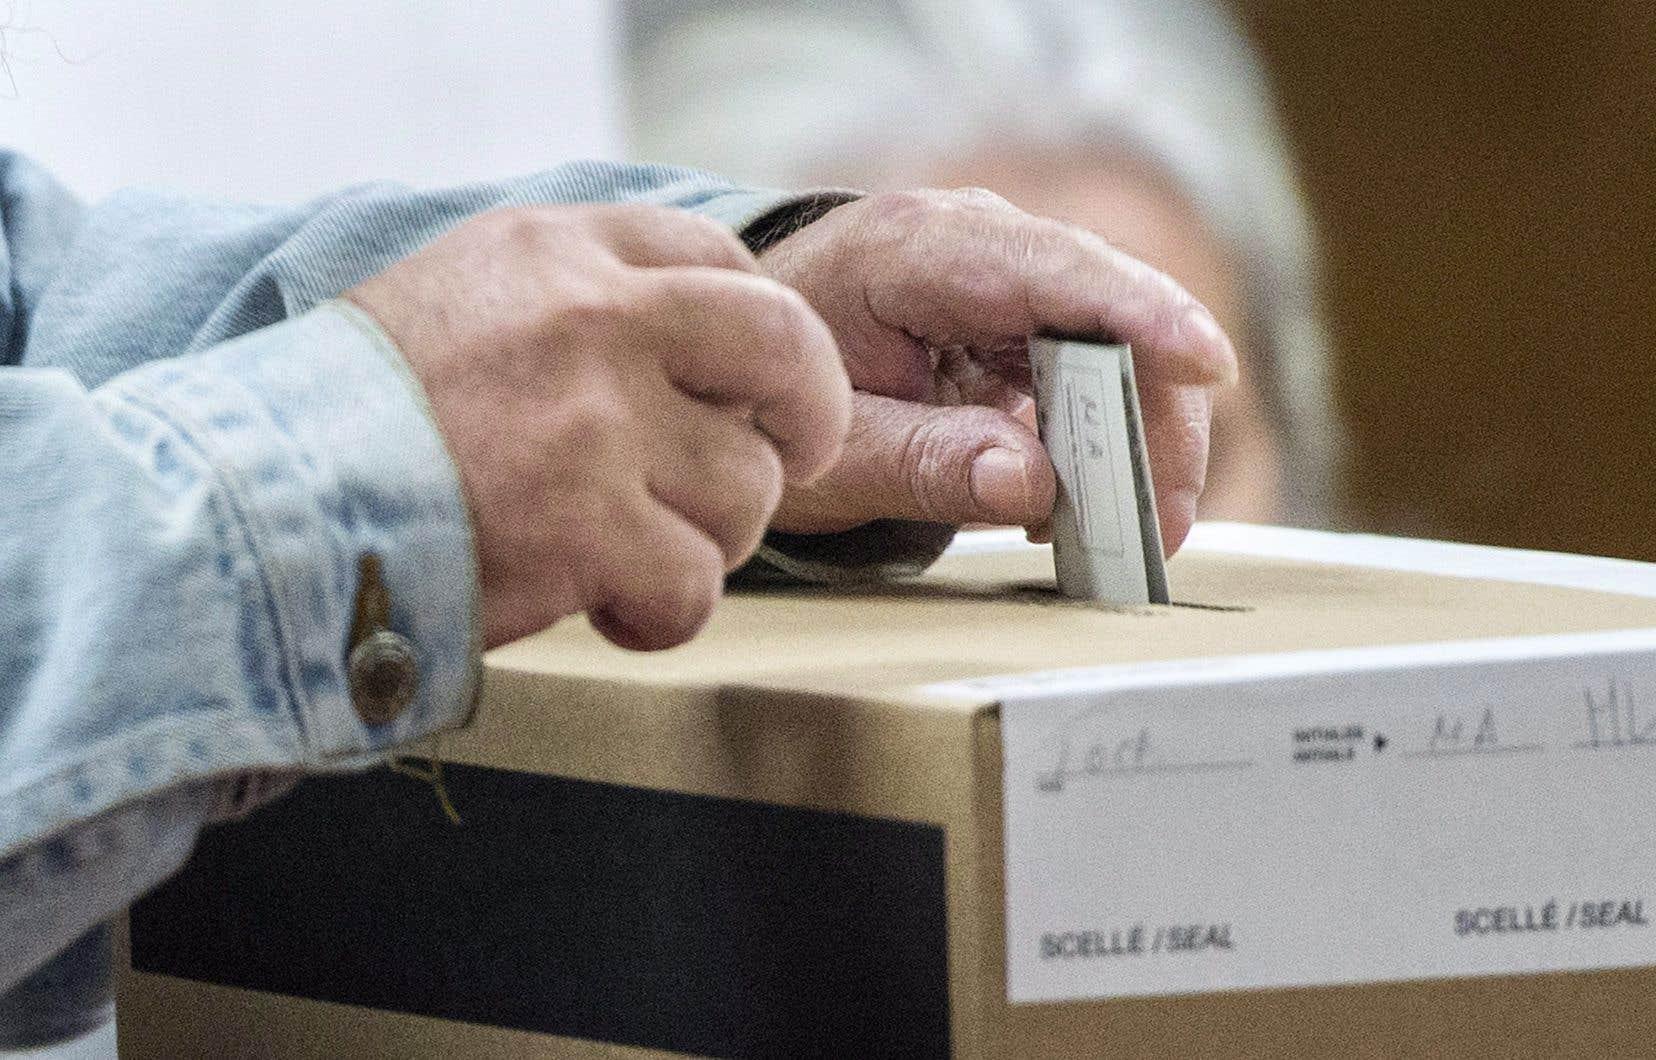 Certaines voix au Québec se sont élevées en faveur de l'adoption d'une loi qui obligerait les partis politiques de la province à présenter au moins 50% de femmes aux élections.